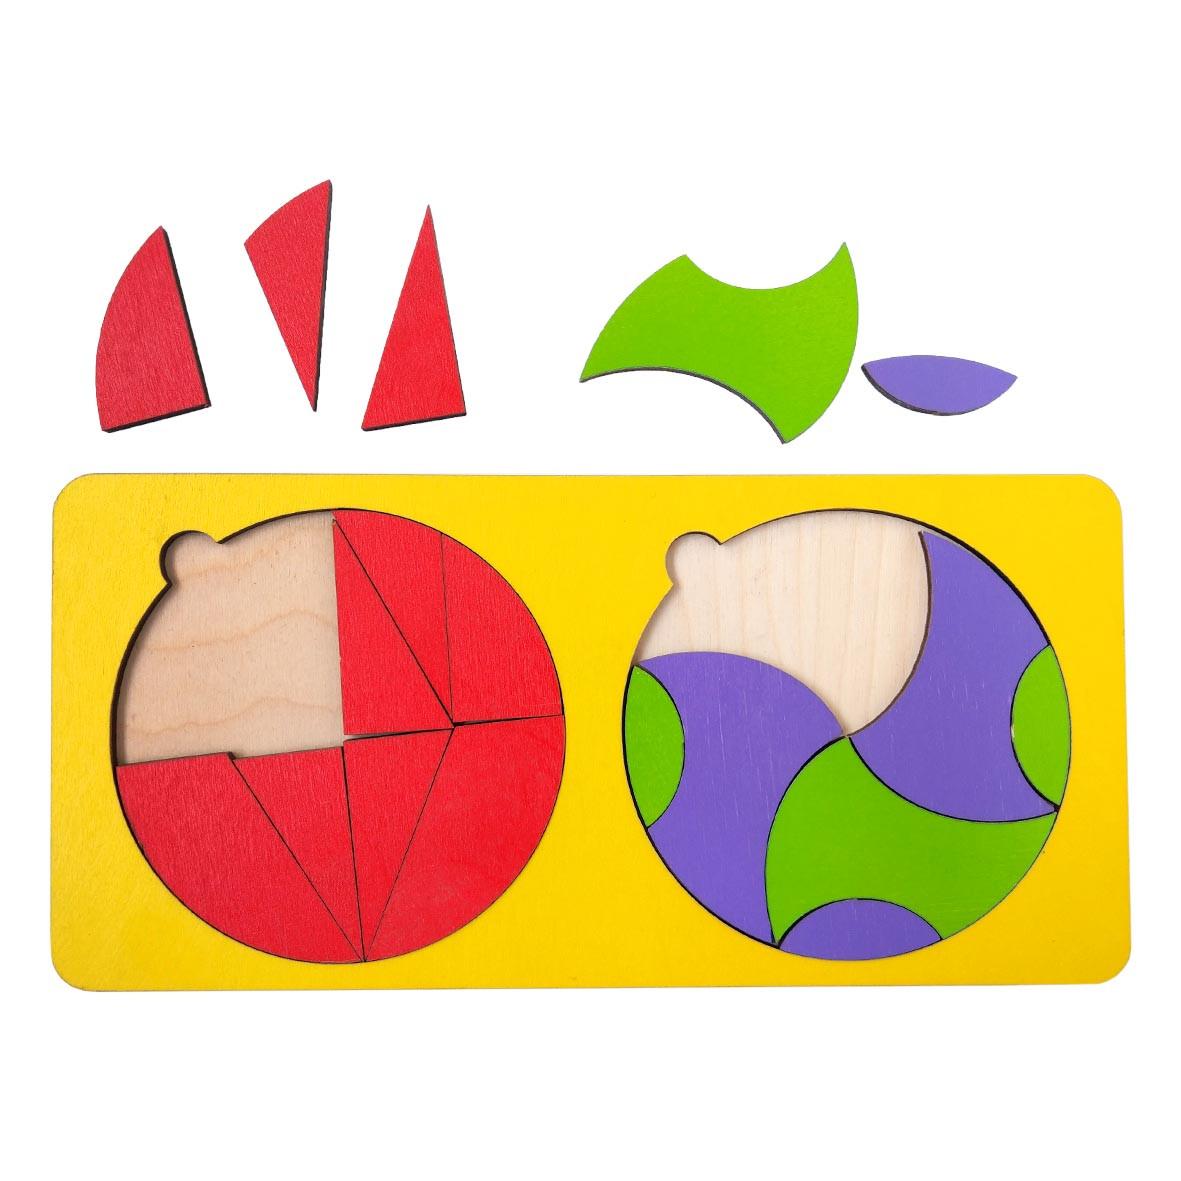 Сортер: 2 круга в рамке